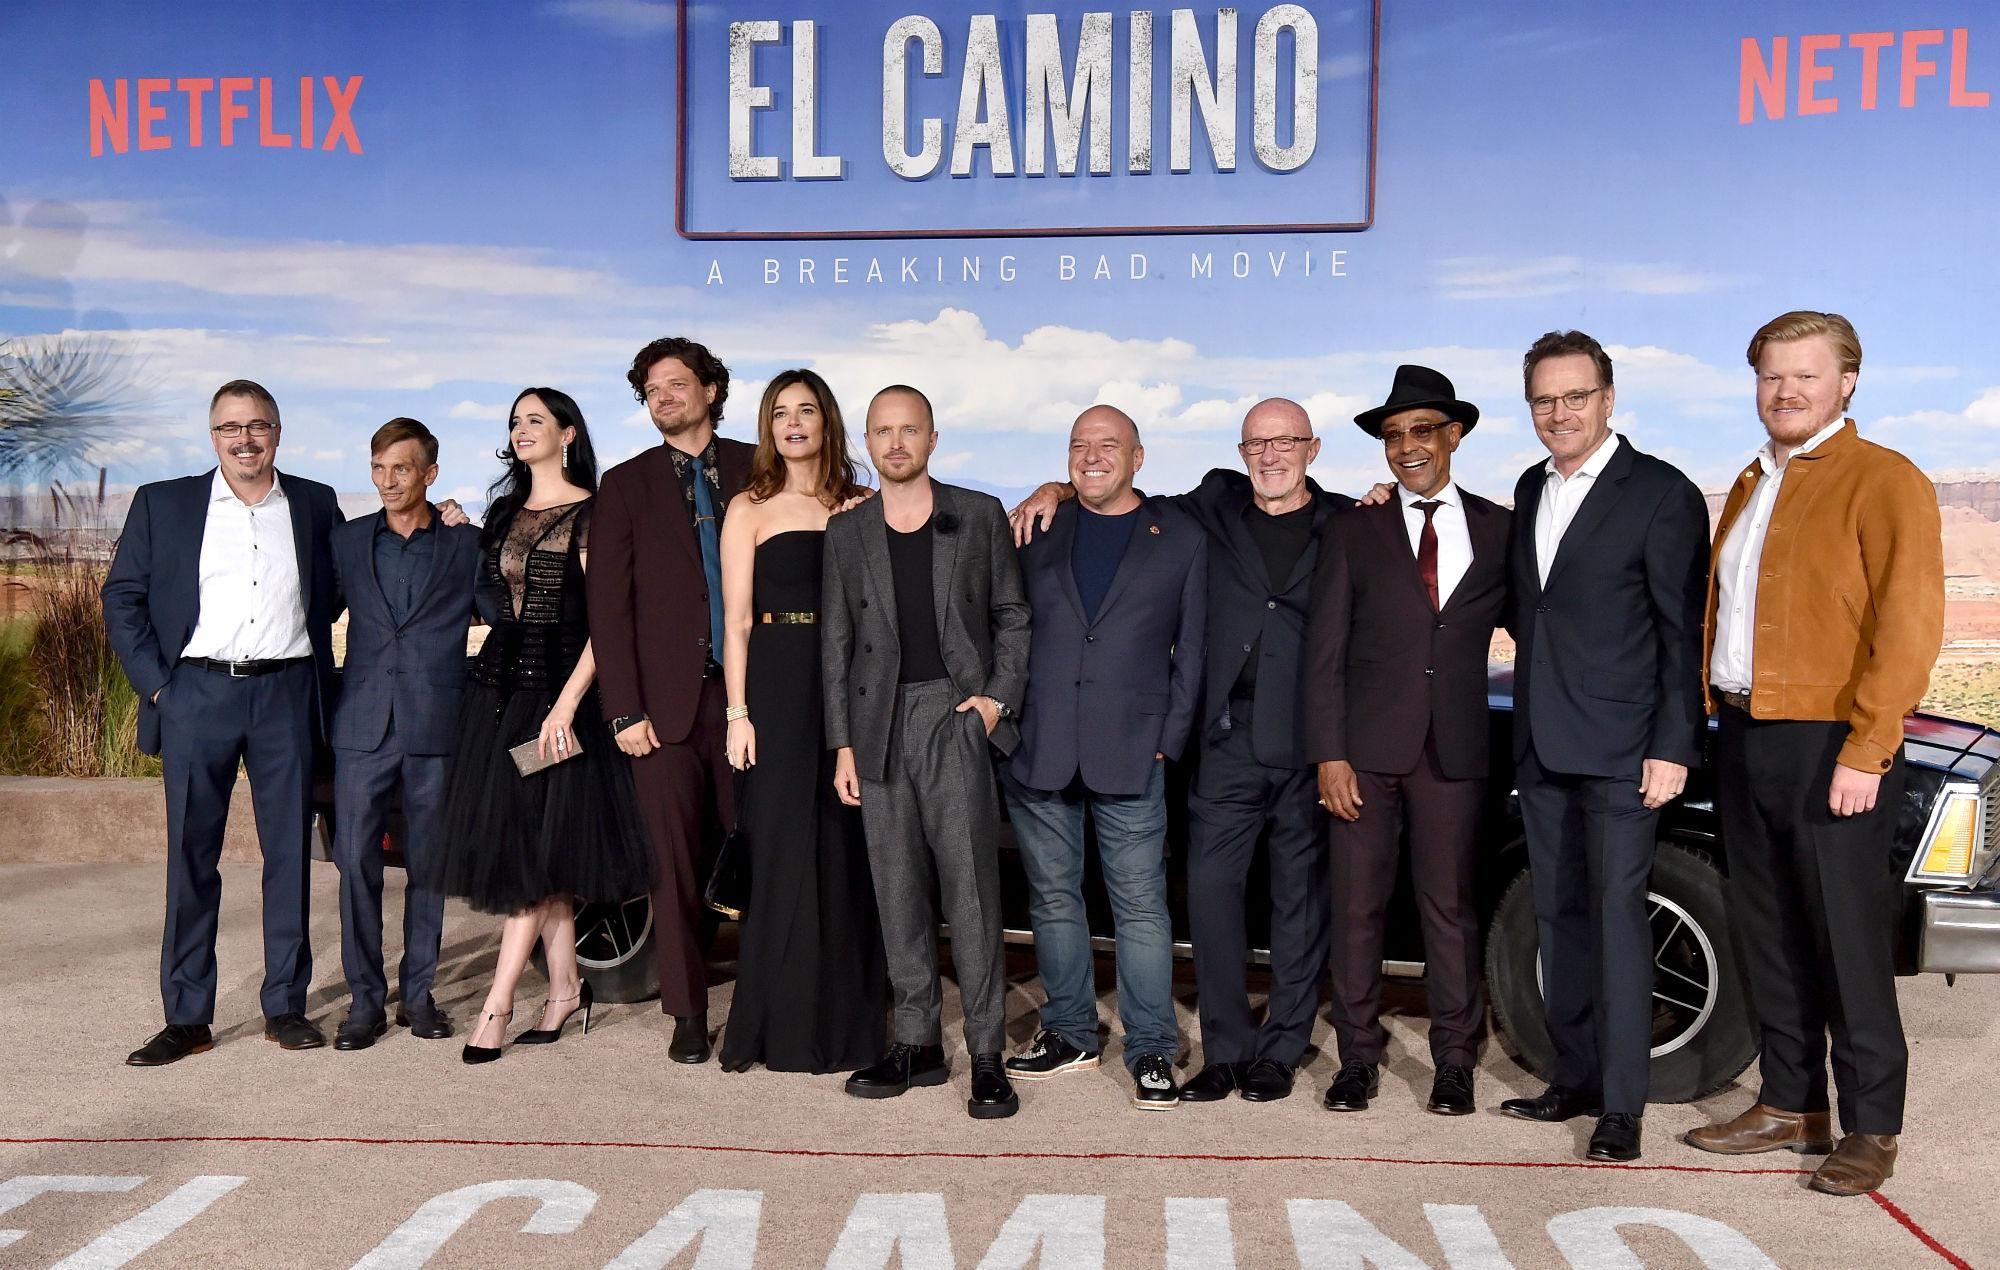 el camino a breaking bad movie\u0027 watched by over 25 million 1986 El Camino